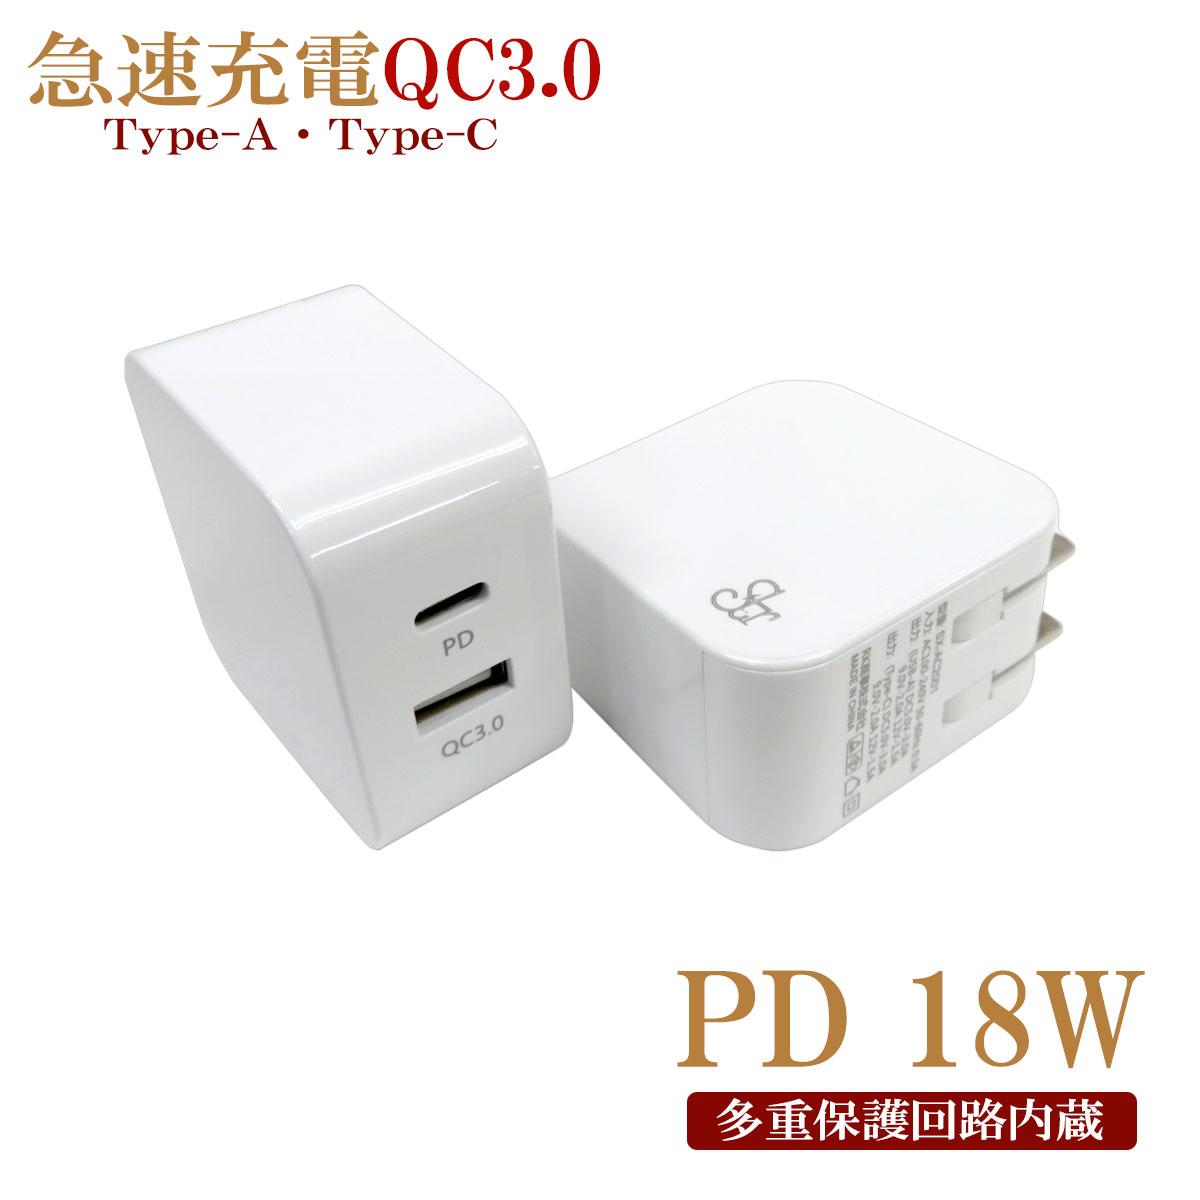 安心1年保証 PD 18Wで充電可能 Quick 新入荷 流行 Charge 3.0にも対応 18W 送料無料 Type-C Type-A 急速充電可能 3.0 折り畳み アンドロイド 電源アダプター コンセント 2ポート搭載 A18 iphone12 1個 期間限定の激安セール コンセント充電用 急速充電器18W mini対応 ACアダプター